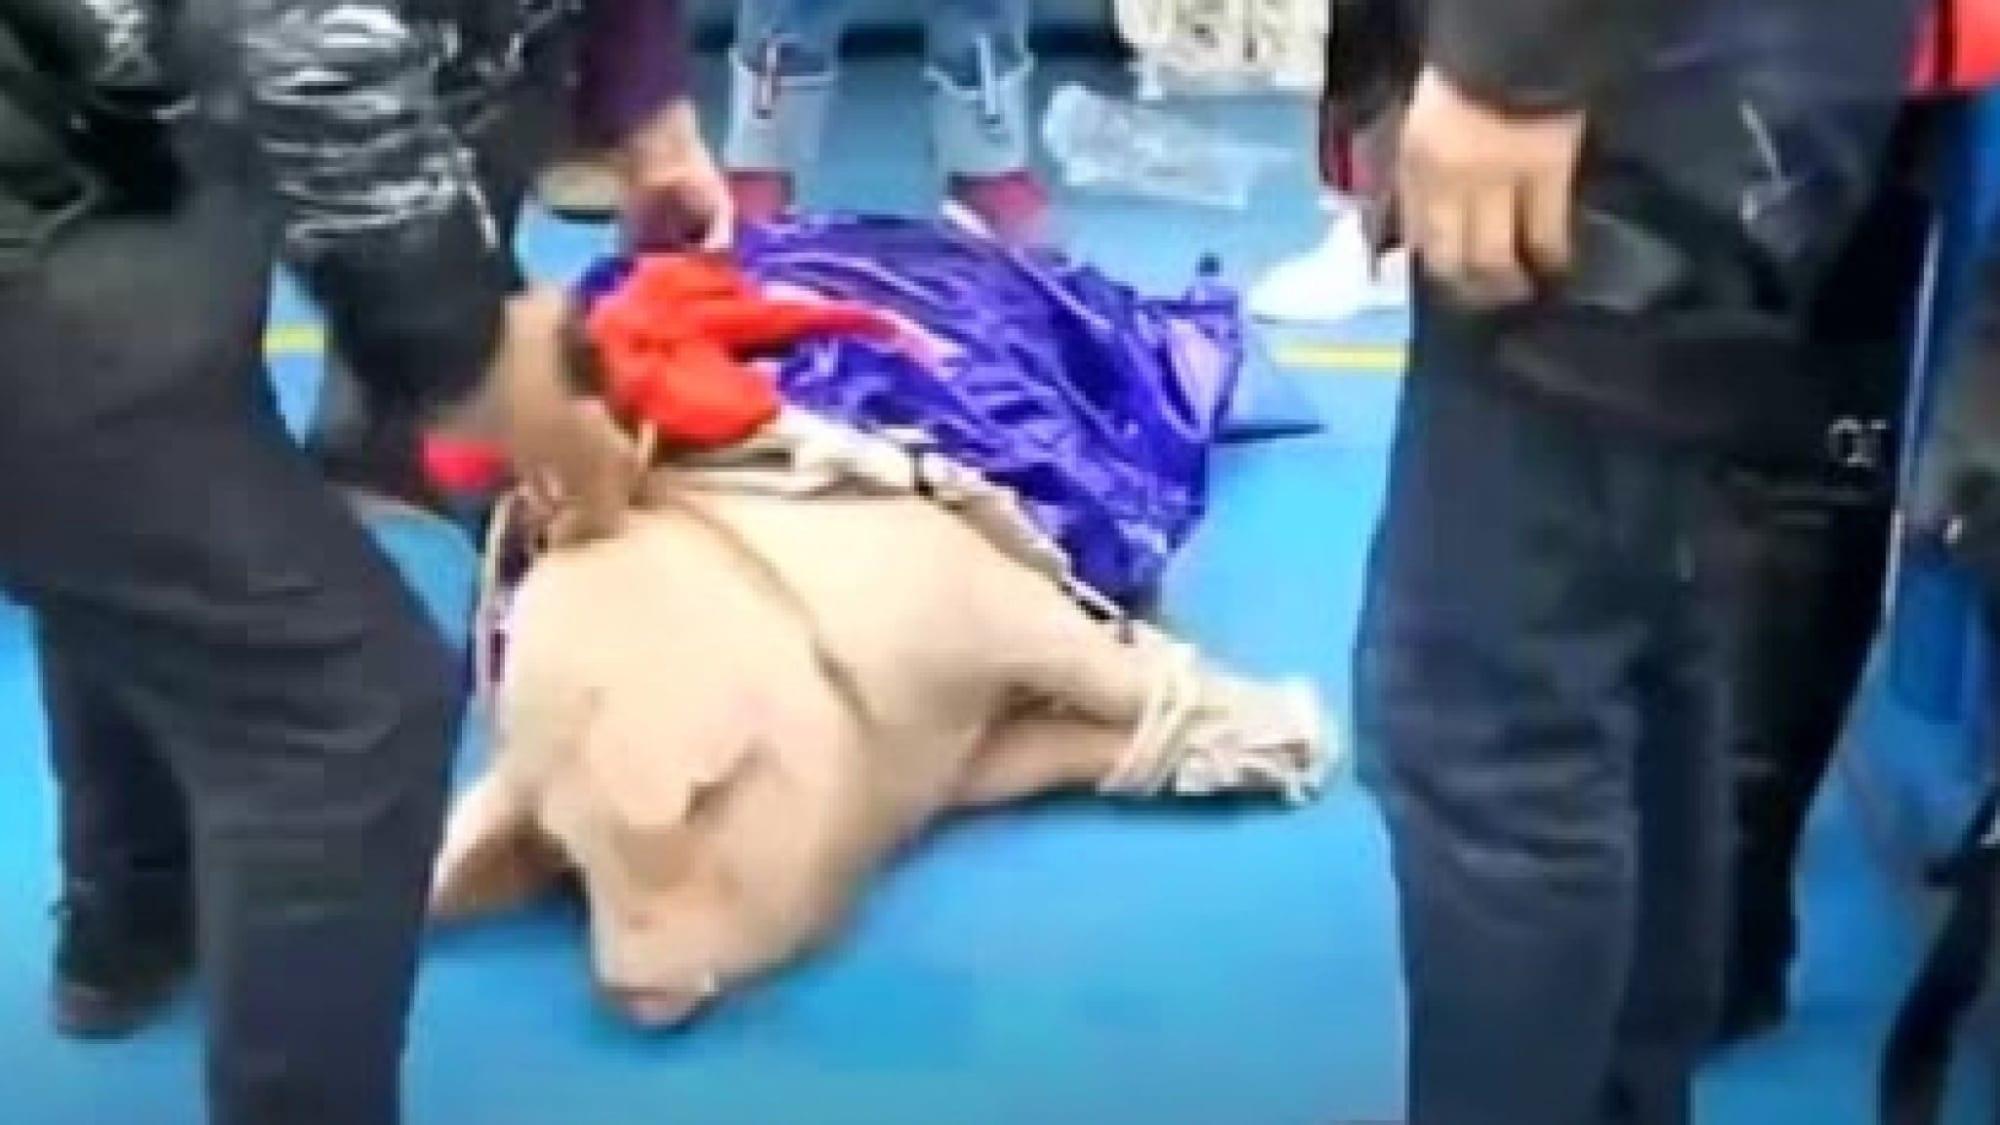 Pig on ground